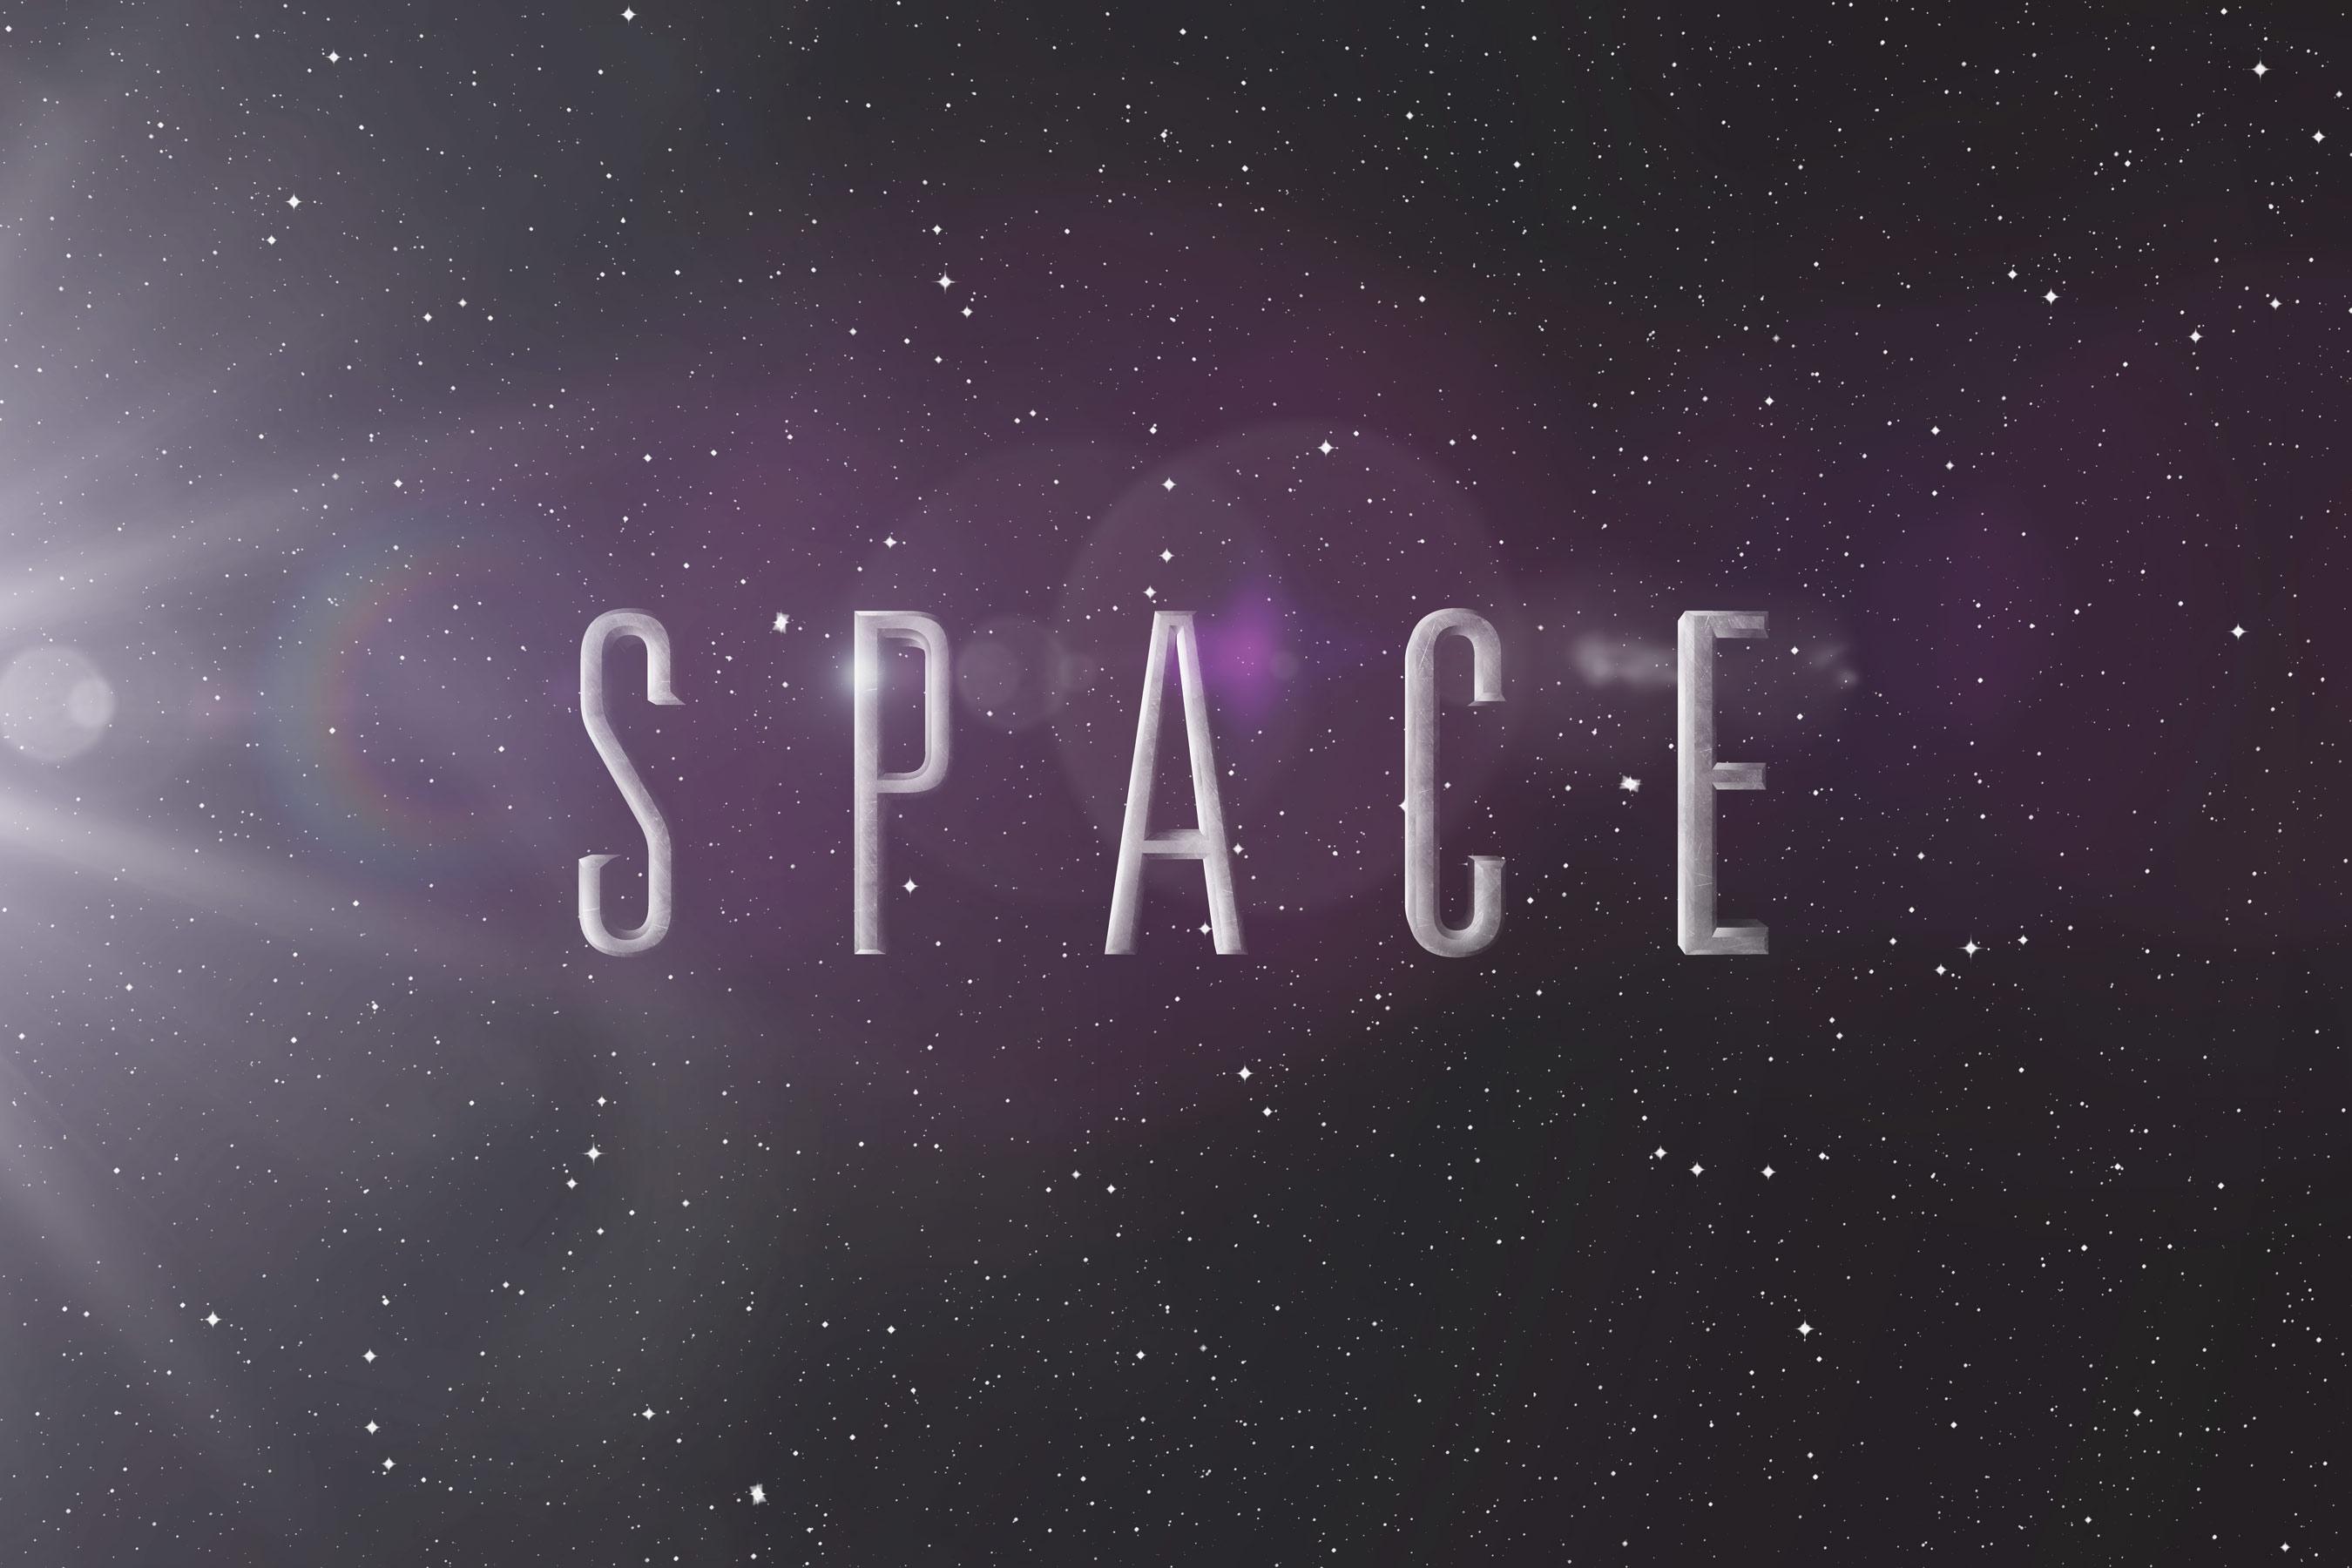 Space_36x24_Poster_Landscape_2700x1800_Portfolio